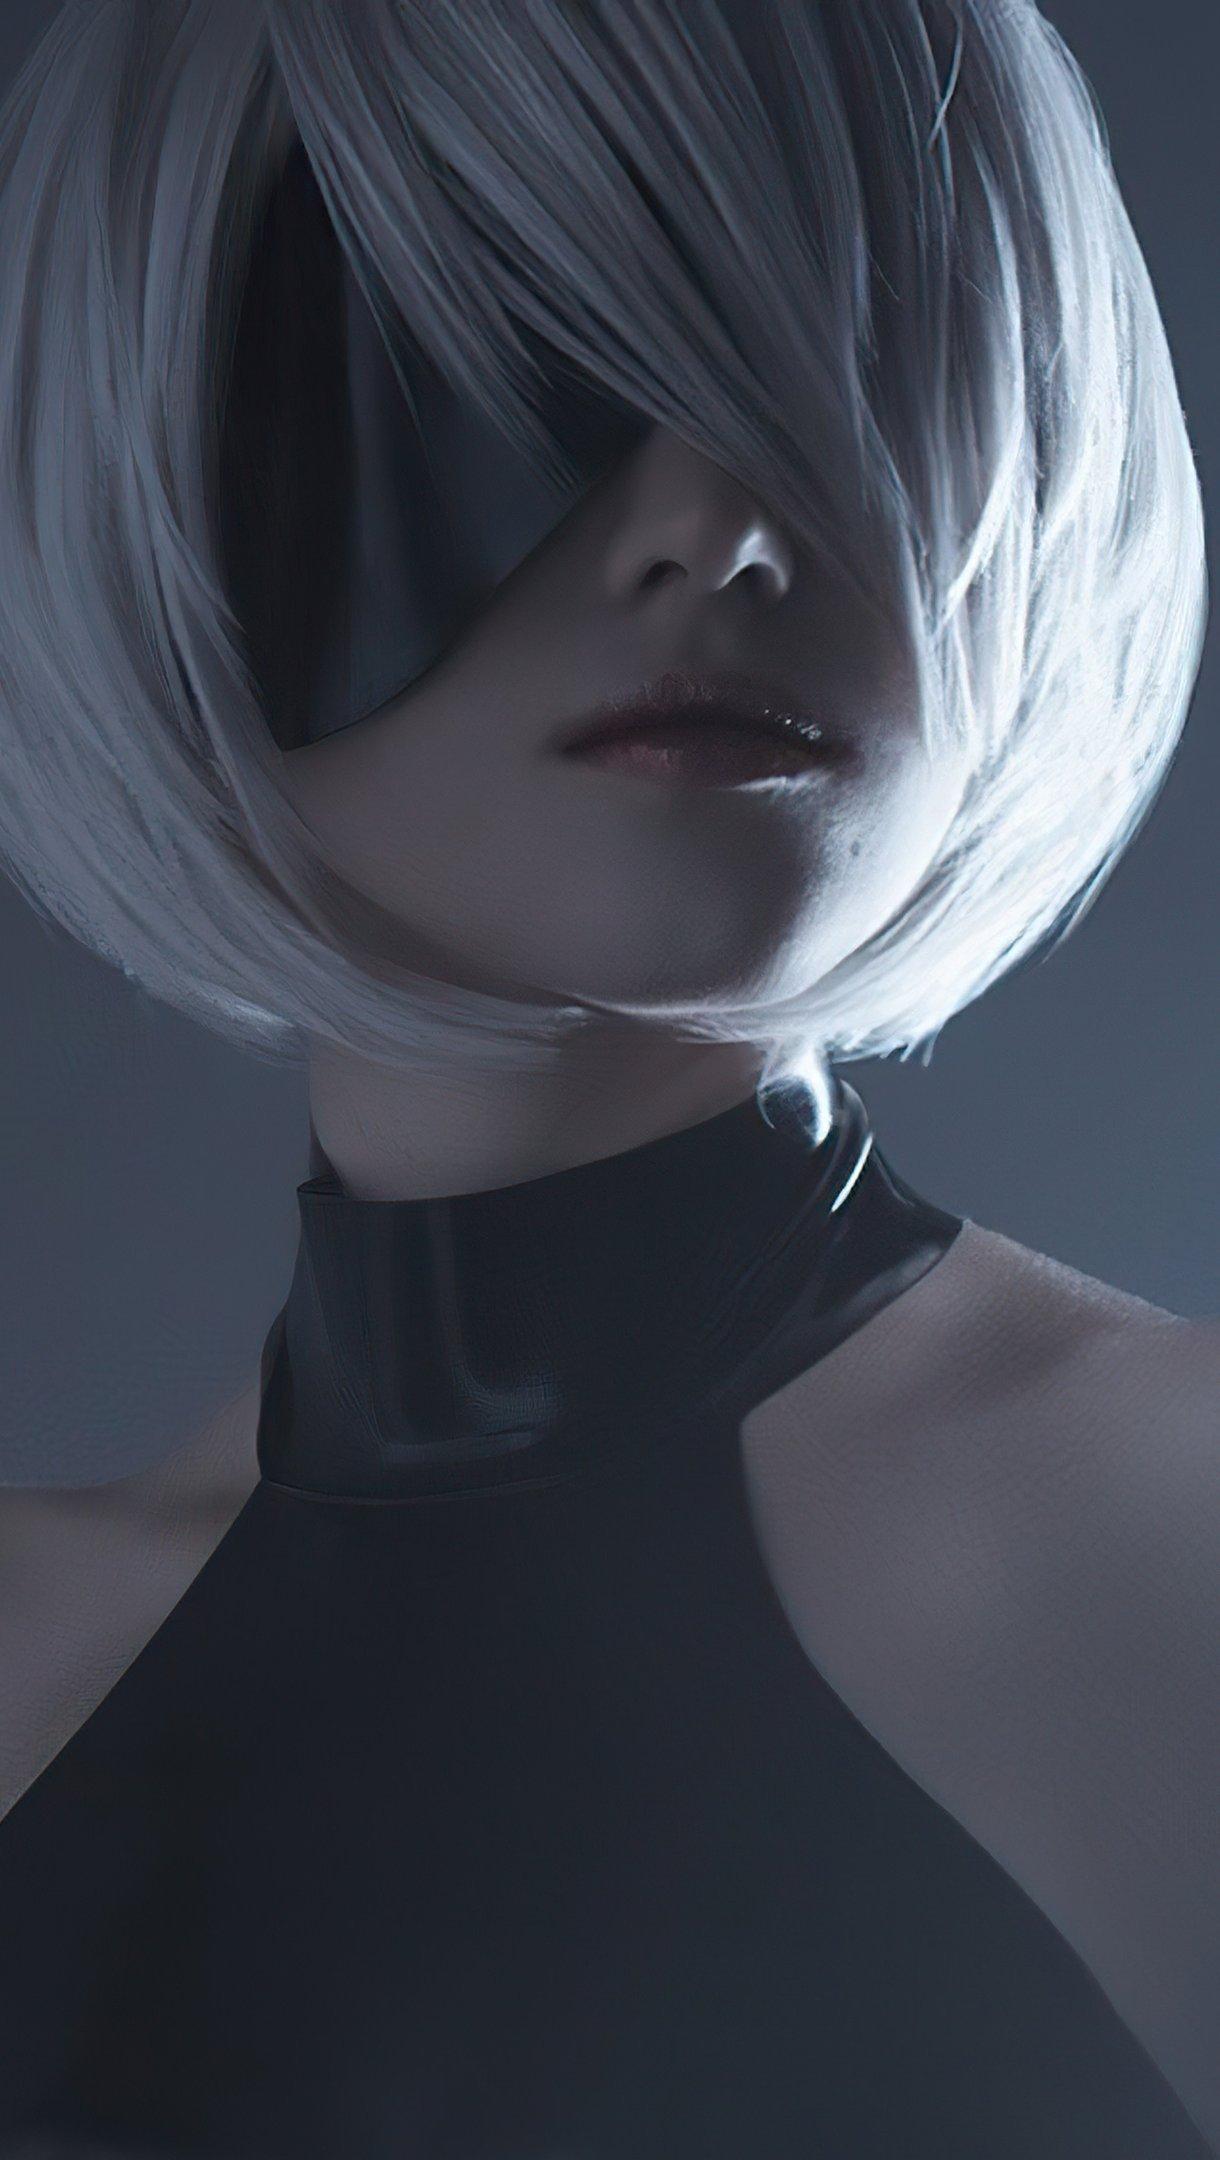 Fondos de pantalla Nier Automata con cabello corto Vertical